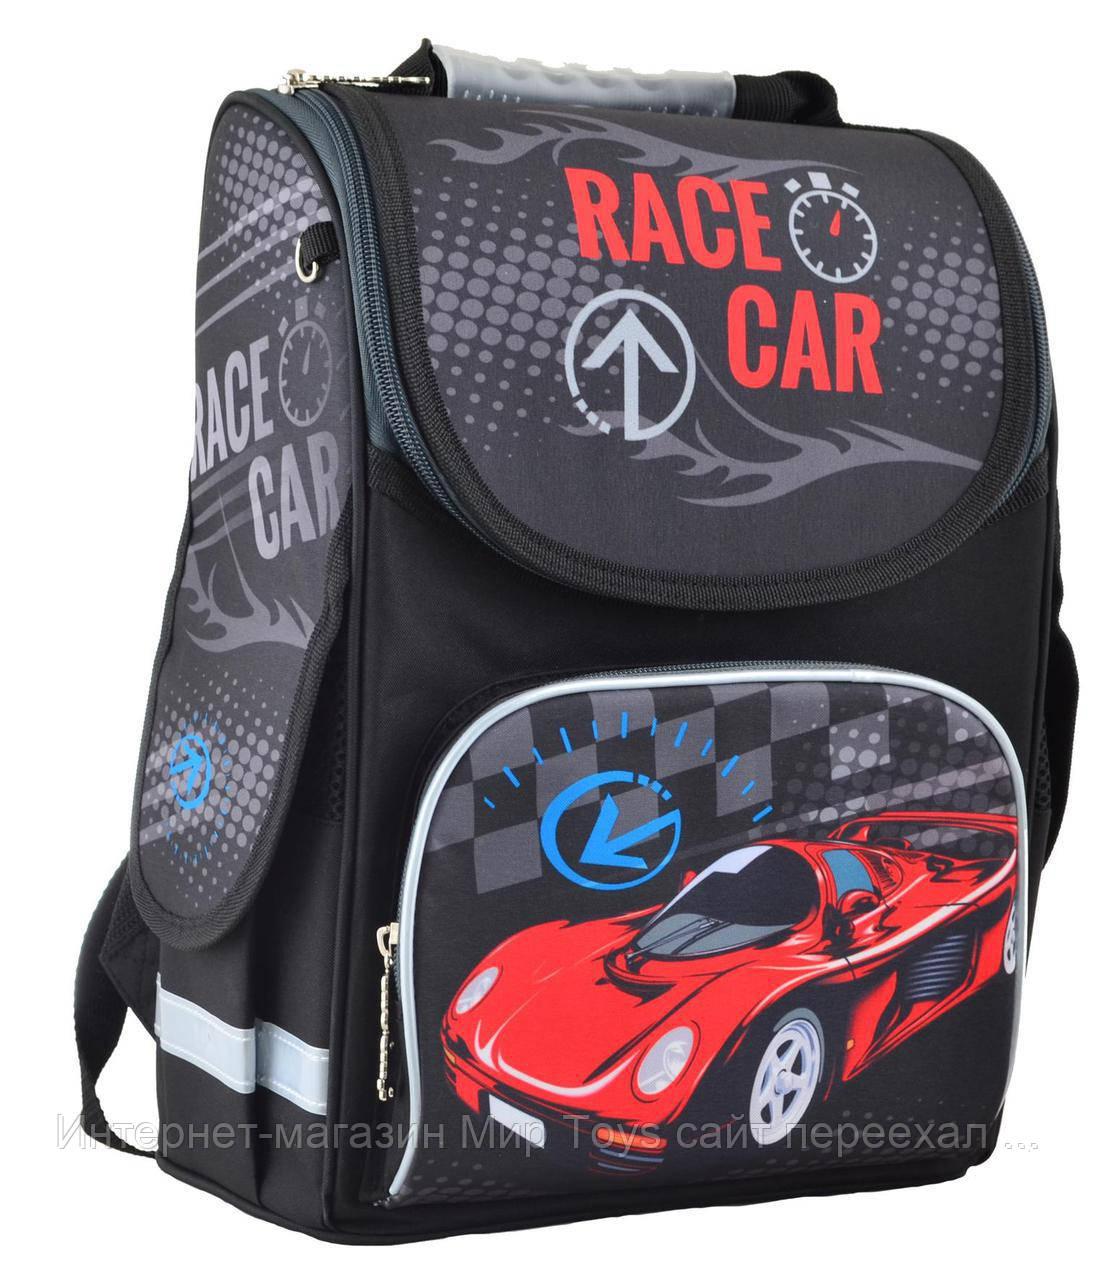 19e4c6f3e8f6 Рюкзак школьный каркасный 1 вересня Smart PG-11 Race car 554513 -  Интернет-магазин